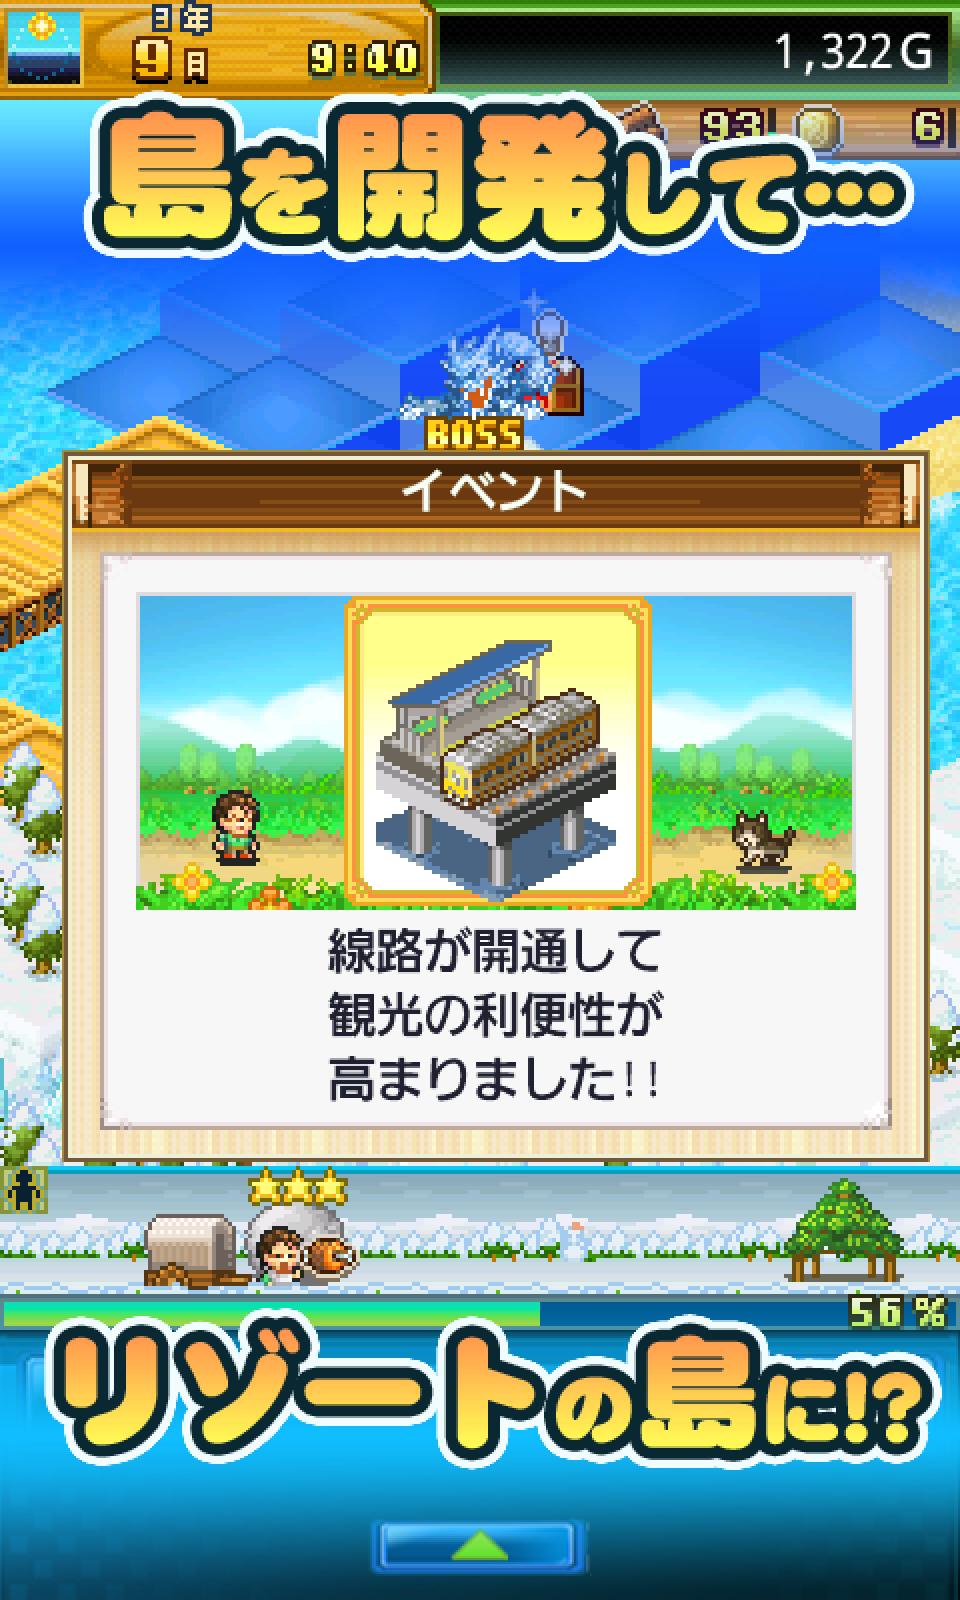 開拓サバイバル島 screenshot #20